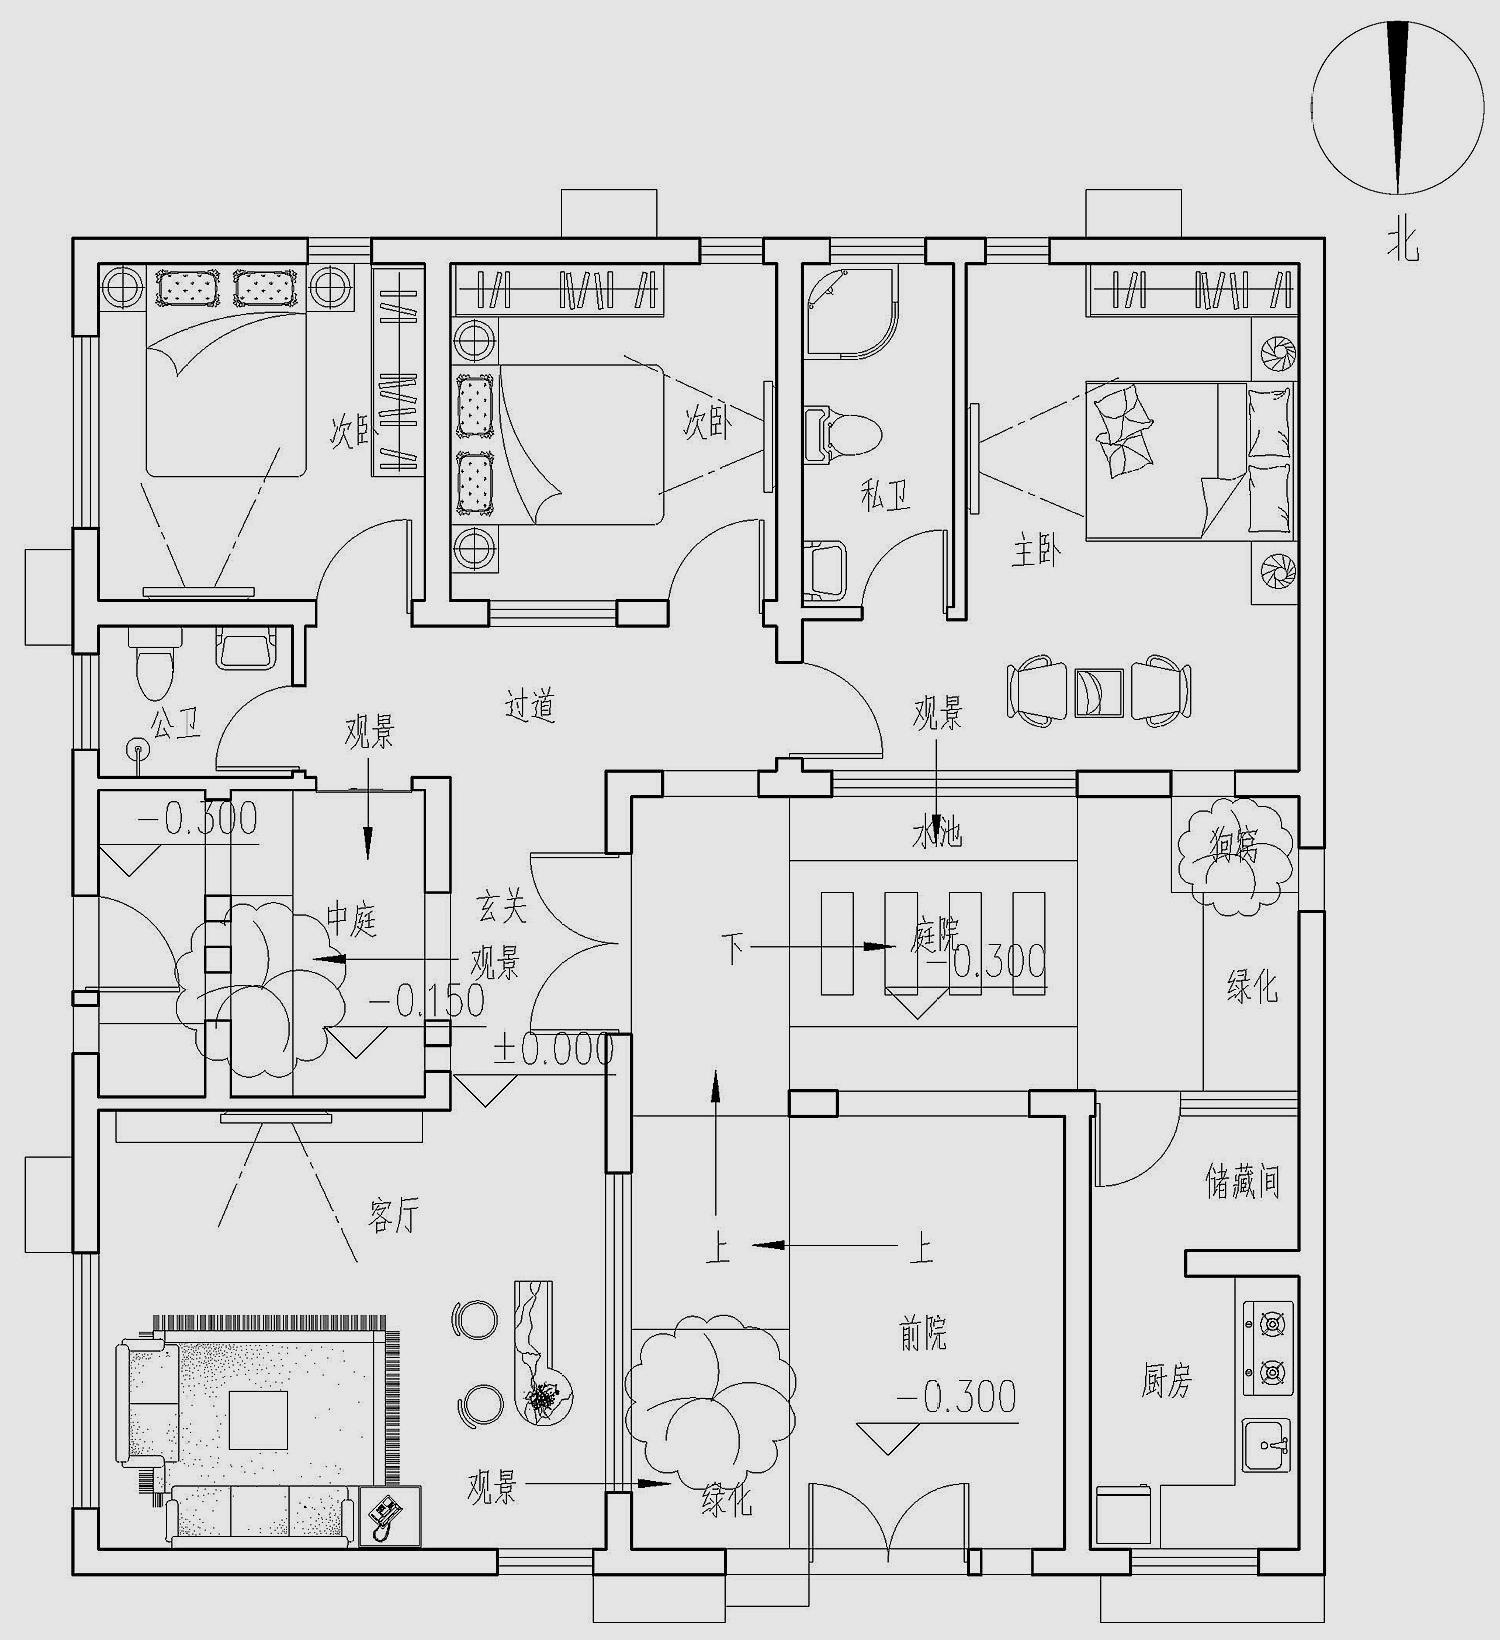 一层平面设计图:厨房,客厅,餐厅, 卧室,娱乐室.